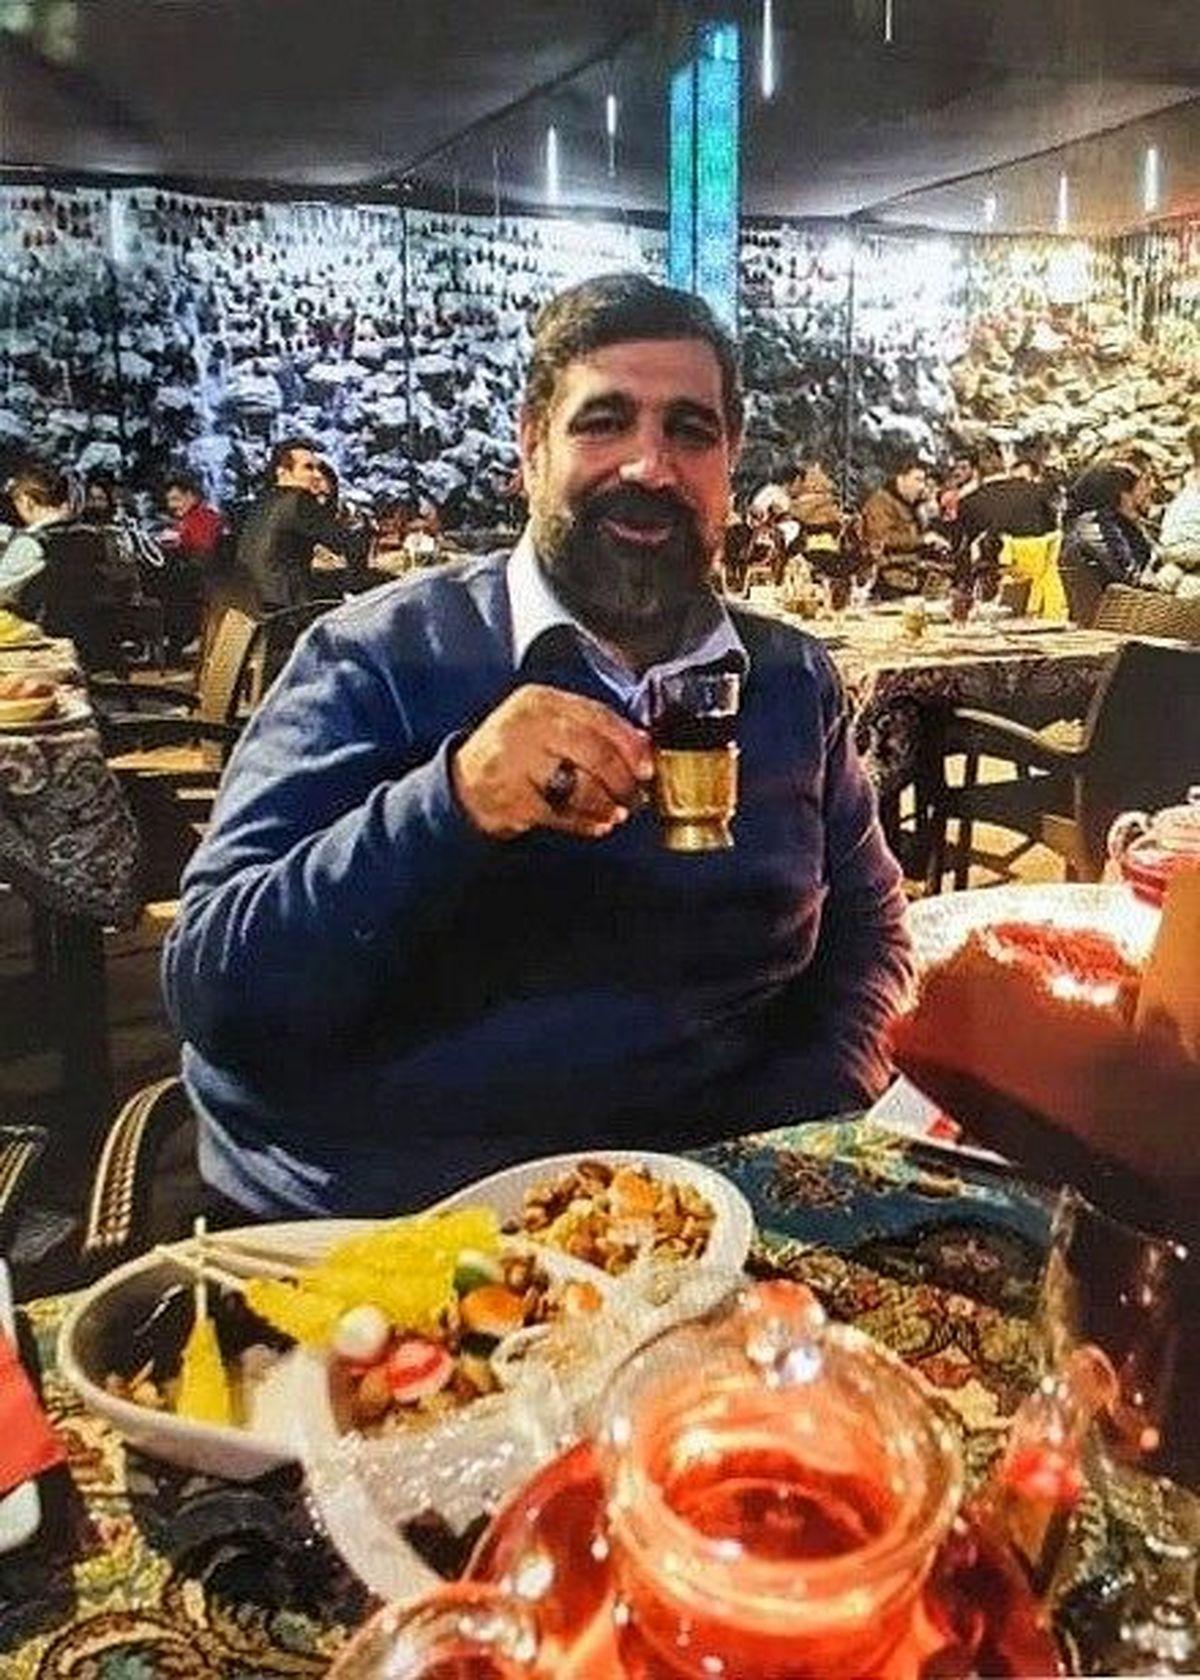 دلیل تفاوت جنازه مرموز و عکسهای قاضی منصوری چیست؟ + تصاویر